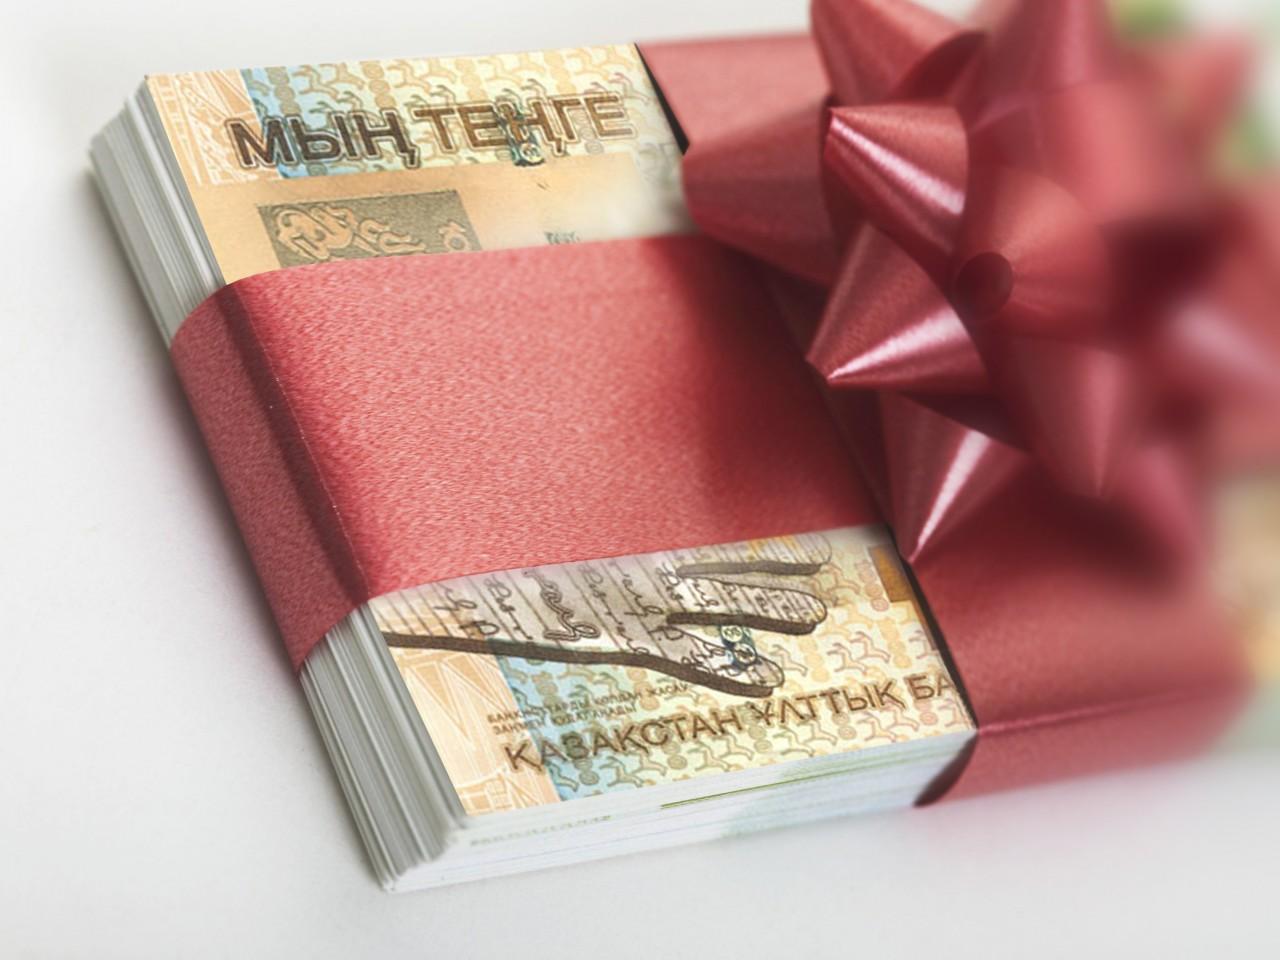 Как выкупить подарок государственному служащему 323